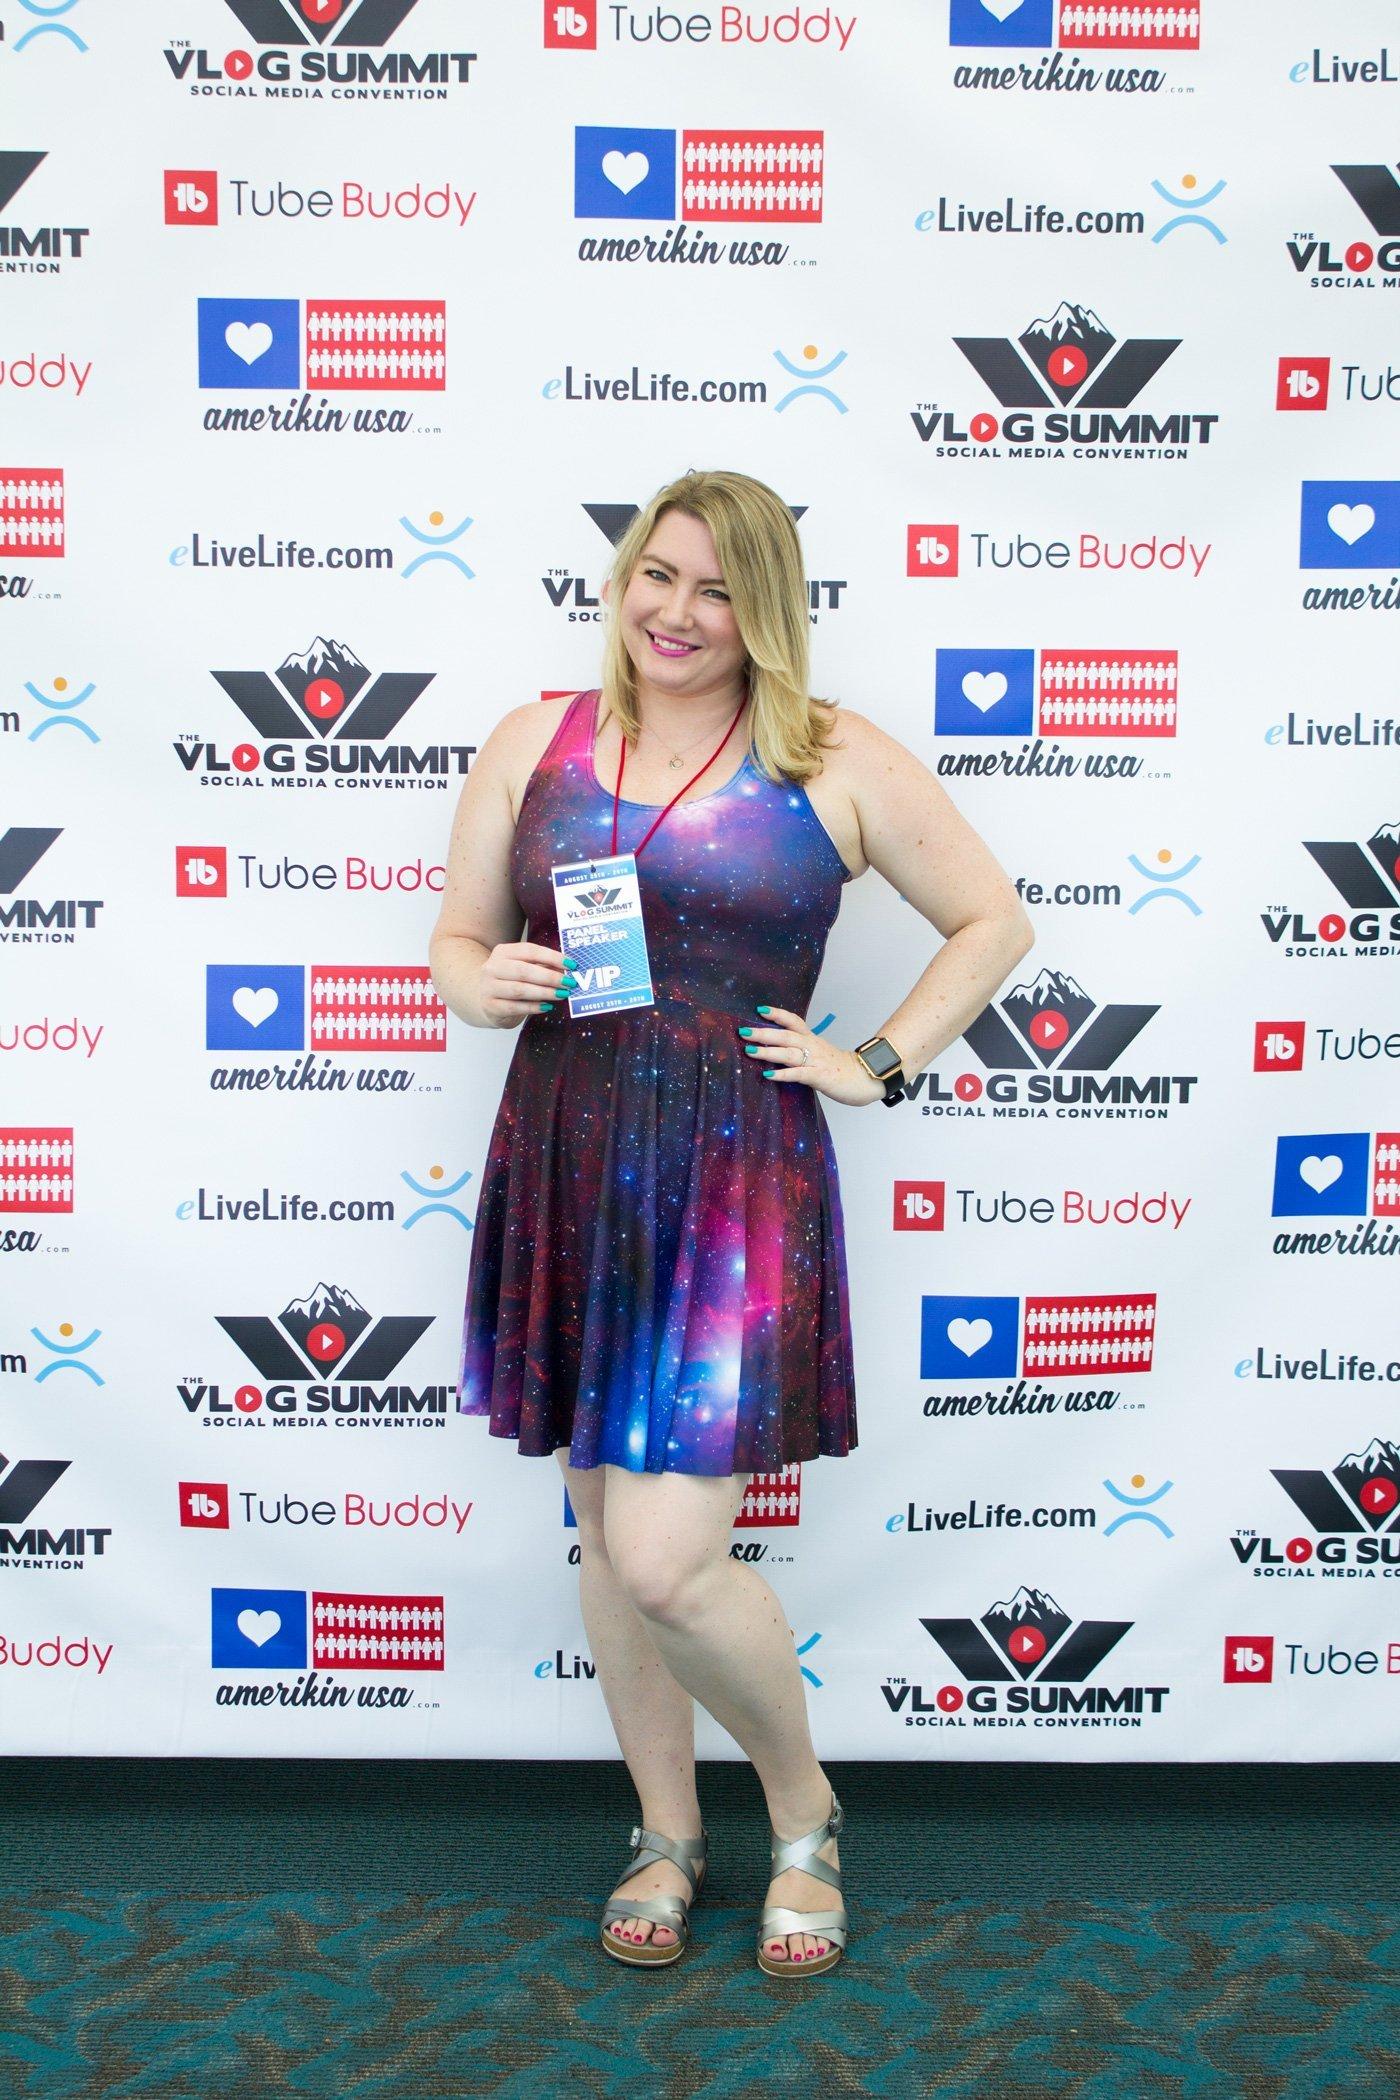 The Vlog Summit Event Recap